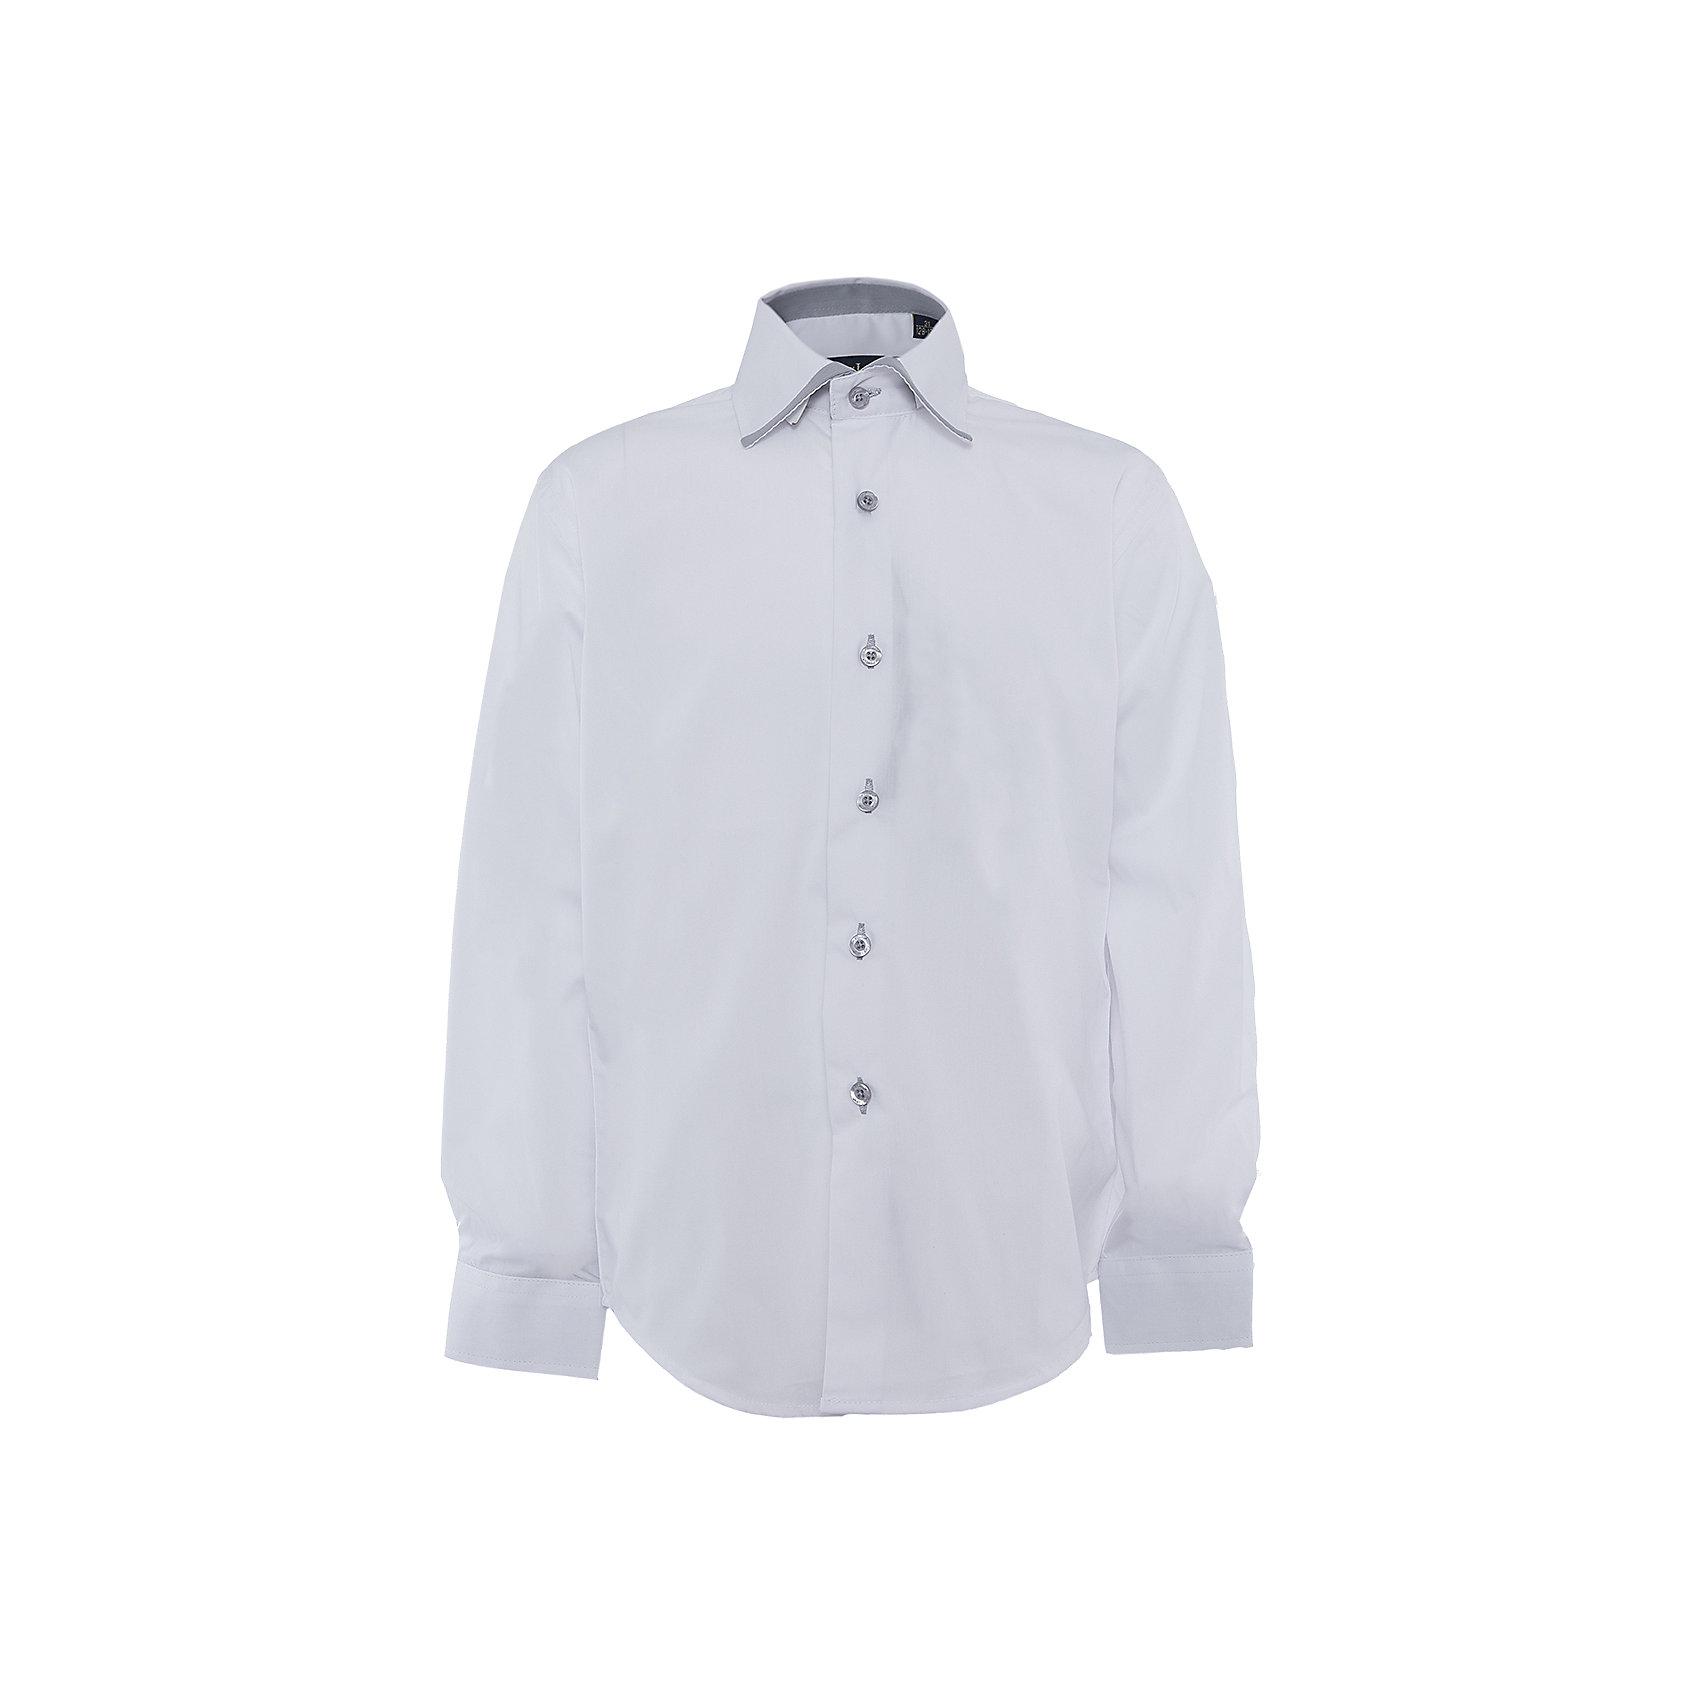 Рубашка для мальчика PREMIUM SkylakeРубашка для мальчика PREMIUM от известного бренда Skylake<br>Состав:<br>80%хлопок 20%п/э<br><br>Ширина мм: 174<br>Глубина мм: 10<br>Высота мм: 169<br>Вес г: 157<br>Цвет: серый<br>Возраст от месяцев: 144<br>Возраст до месяцев: 156<br>Пол: Мужской<br>Возраст: Детский<br>Размер: 158,146,152,122,128,134,140<br>SKU: 4877759